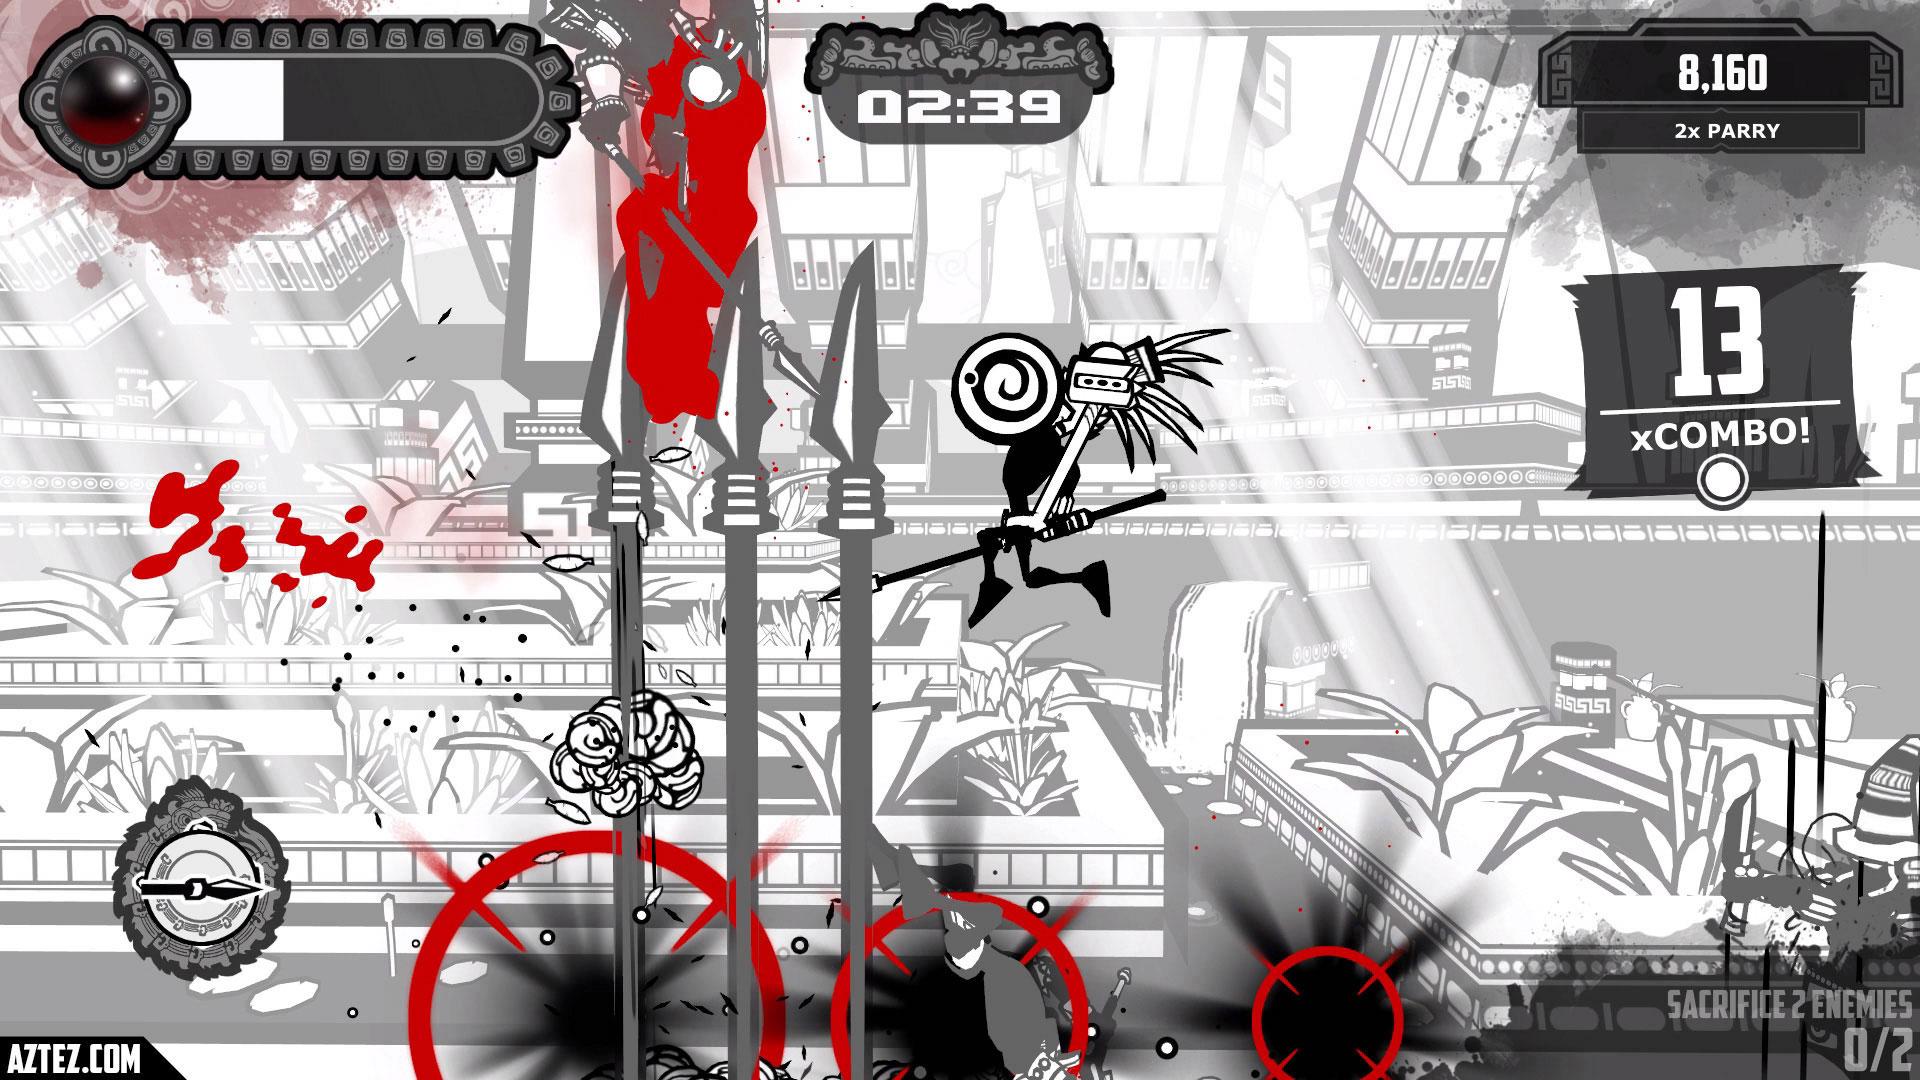 Hojność godna podziwu - Kingdom Come: Deliverance i Aztez będą dostępne za darmo w sklepie Epic Games Store